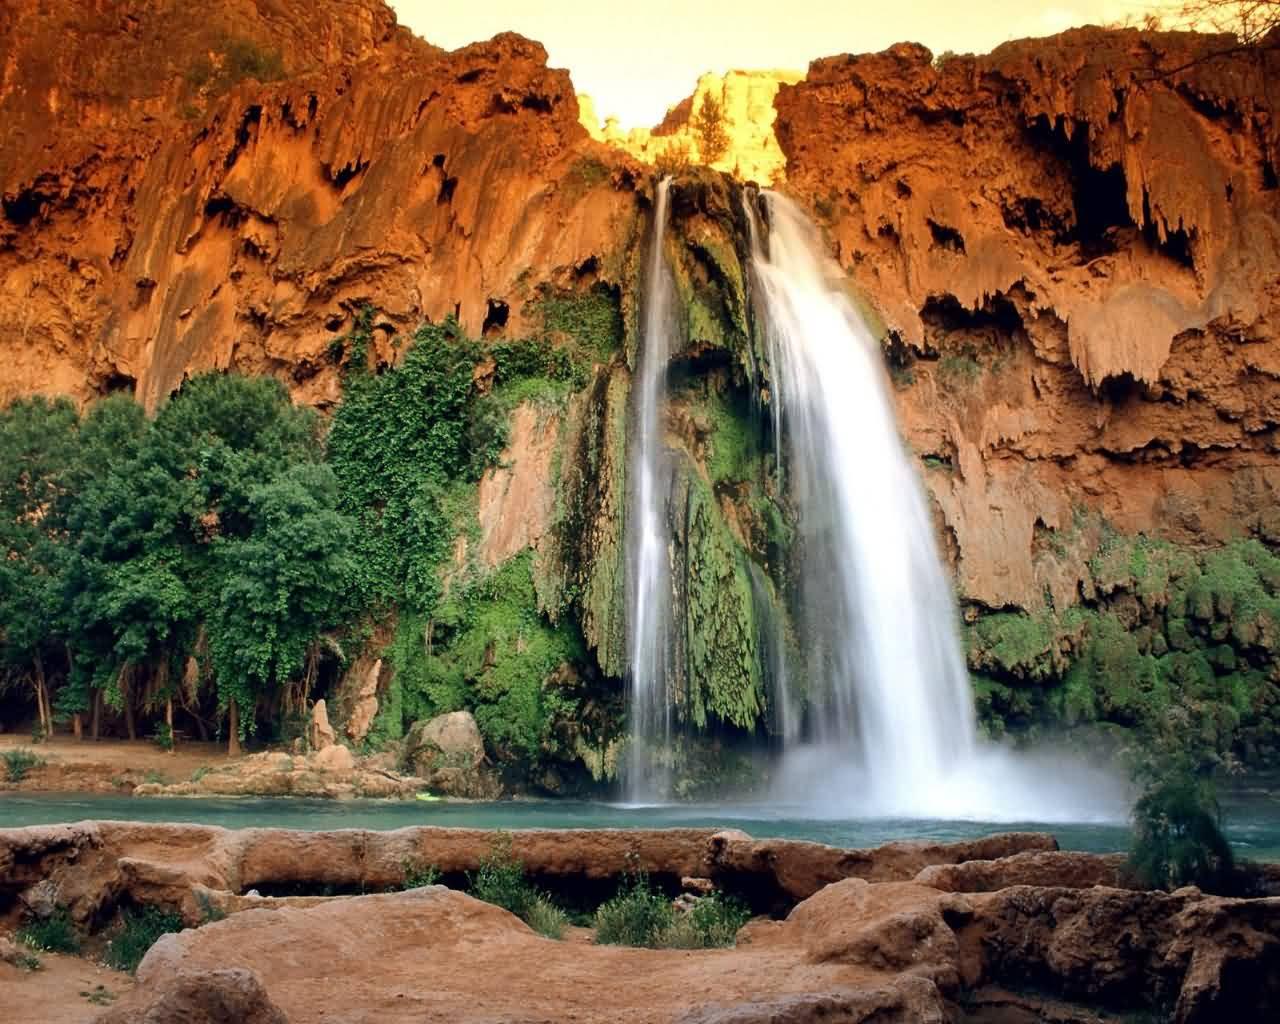 http://1.bp.blogspot.com/-CoTyJvkFbgU/TZVAXuLlLYI/AAAAAAAAAFA/sYQYjQSaa6o/s1600/nature-wallpapers-10.jpg